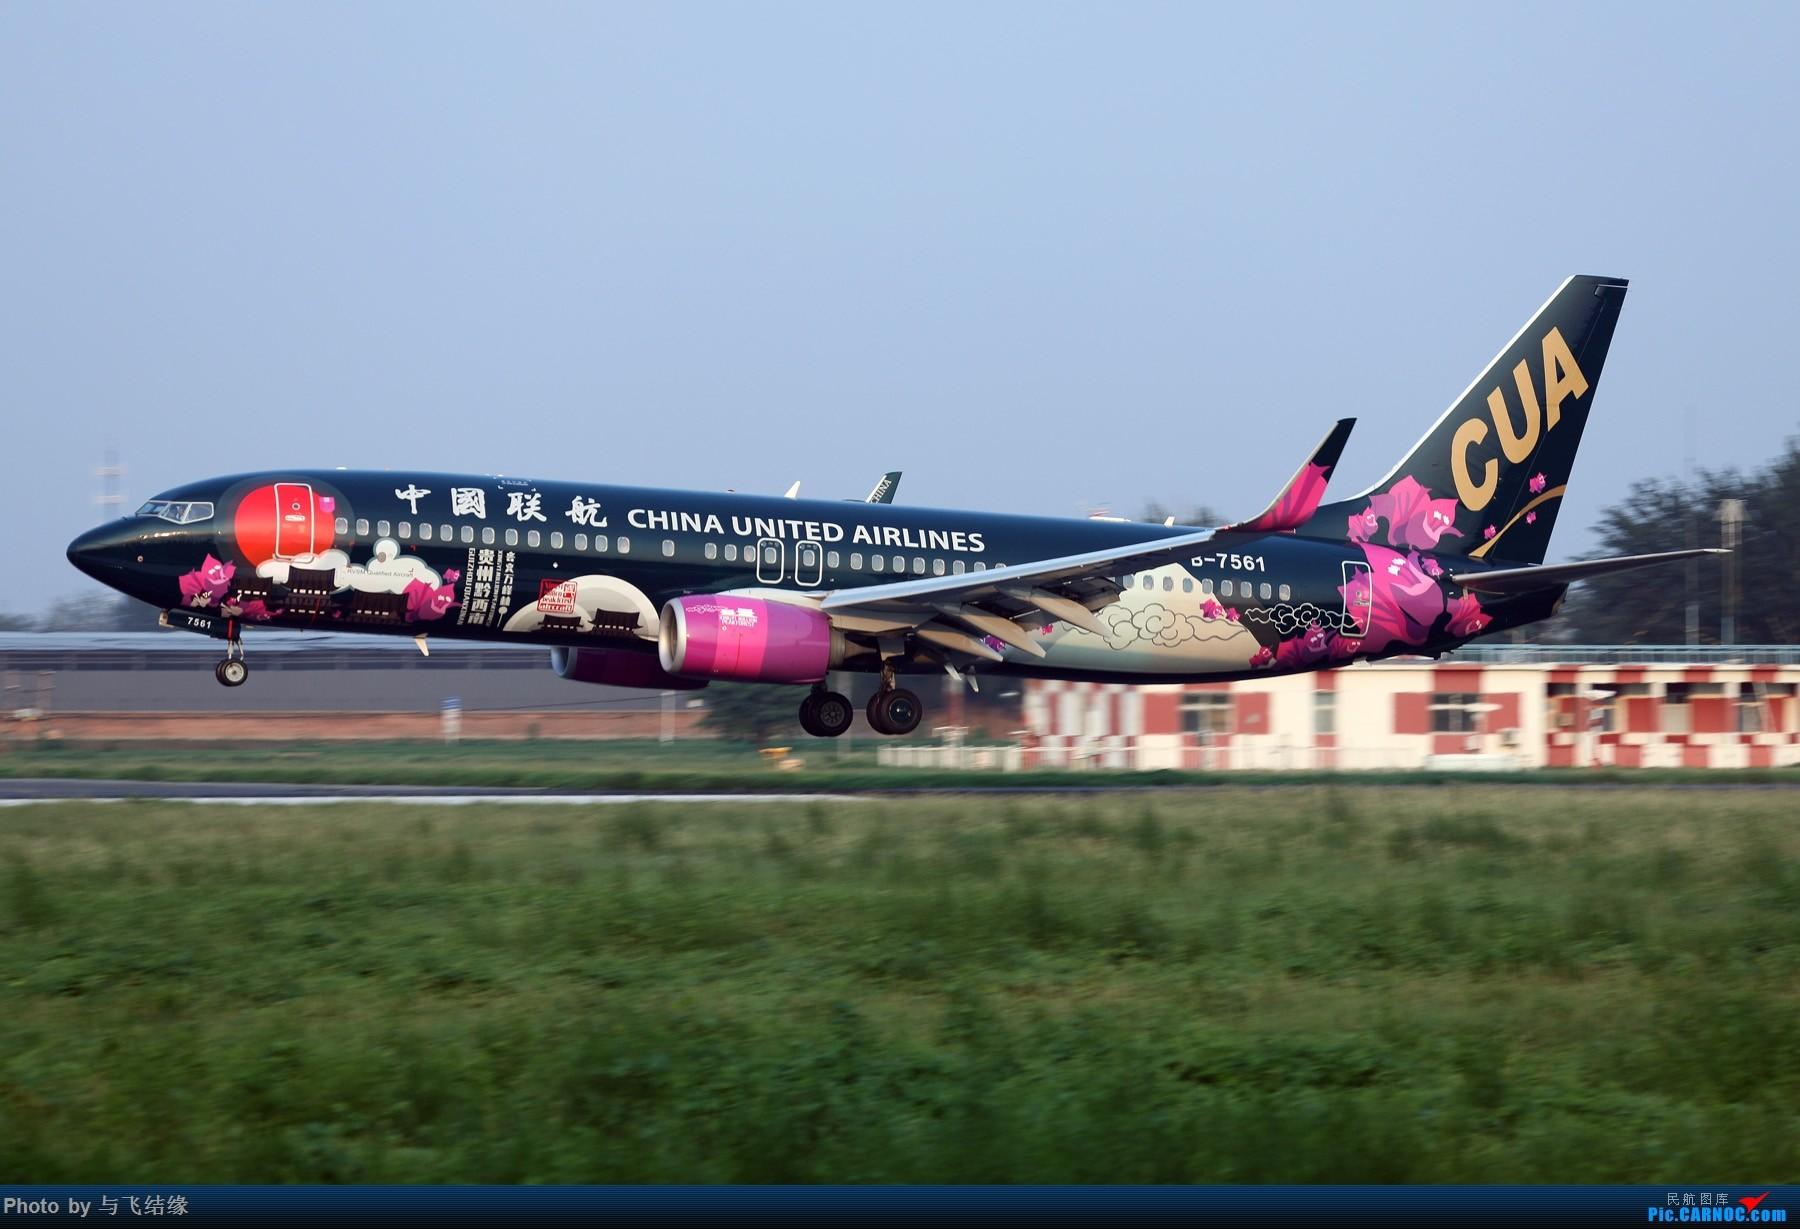 要问彩绘哪家强,中国北京找联航。 BOEING 737-800 B-7561 中国北京南苑机场